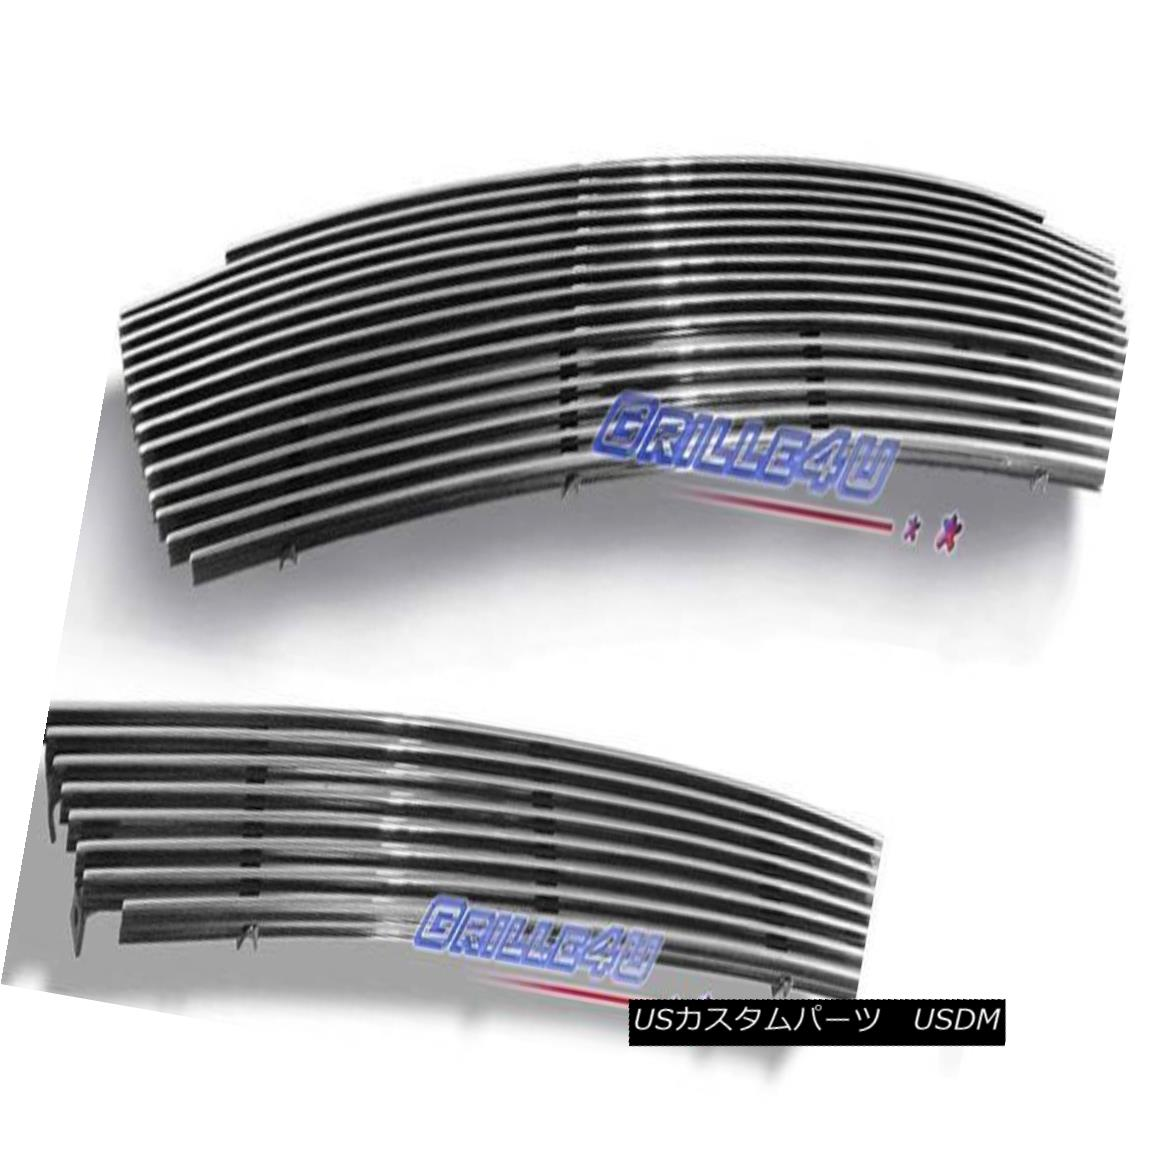 グリル Customized For 03-06 Lincoln Aviator Billet Premium Grille Combo Insert 03-06リンカーンアビエータービレットプレミアムグリルコンボインサート